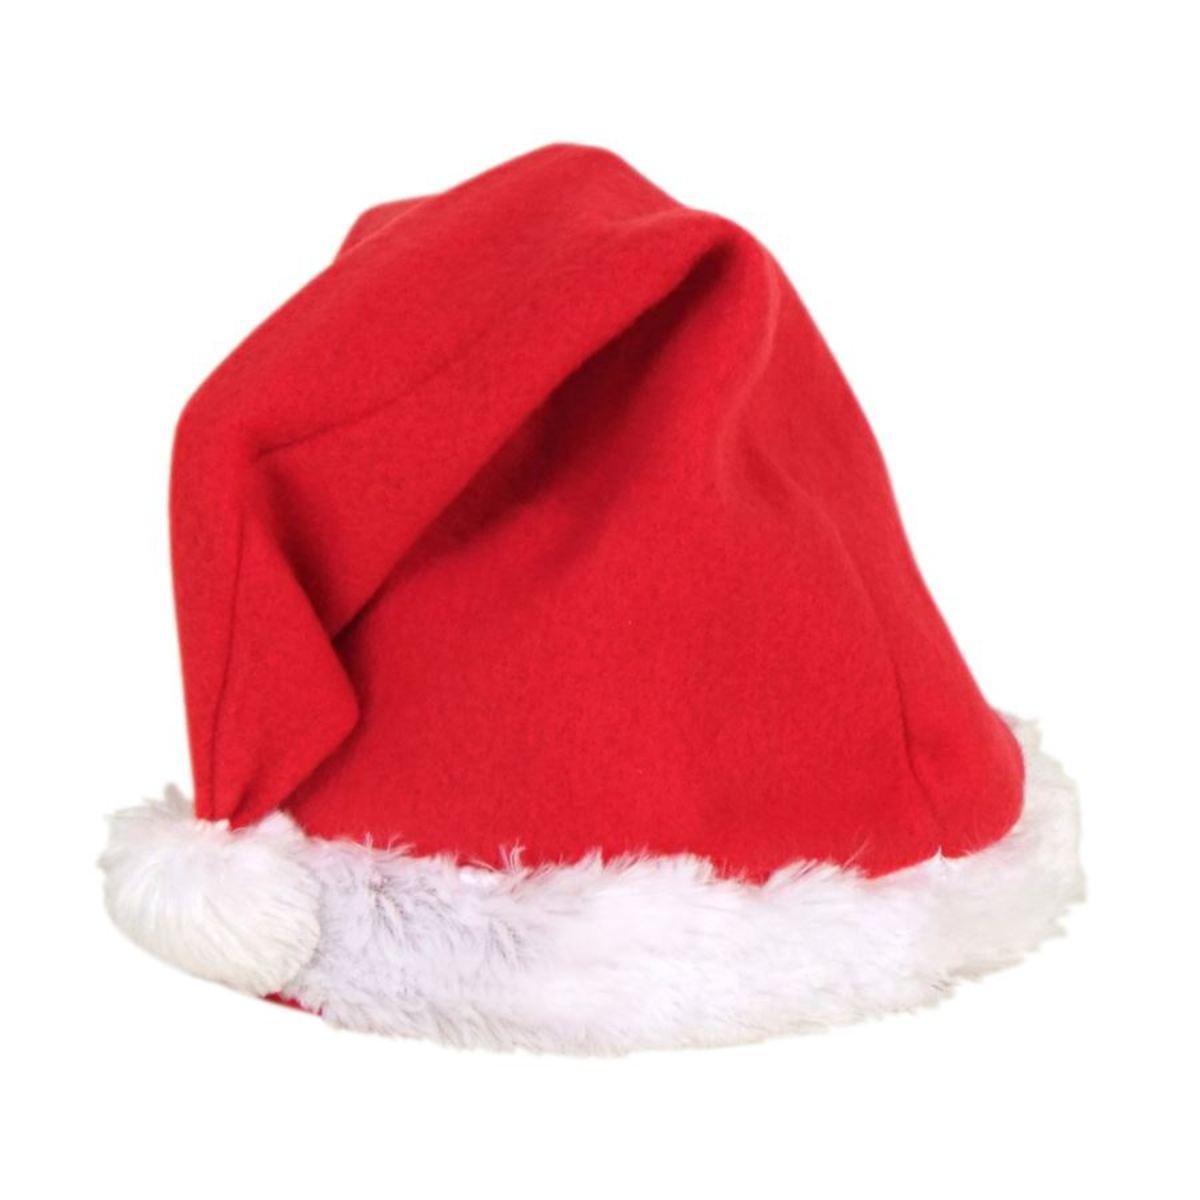 Bild 2 von Tanzende Nikolausmütze